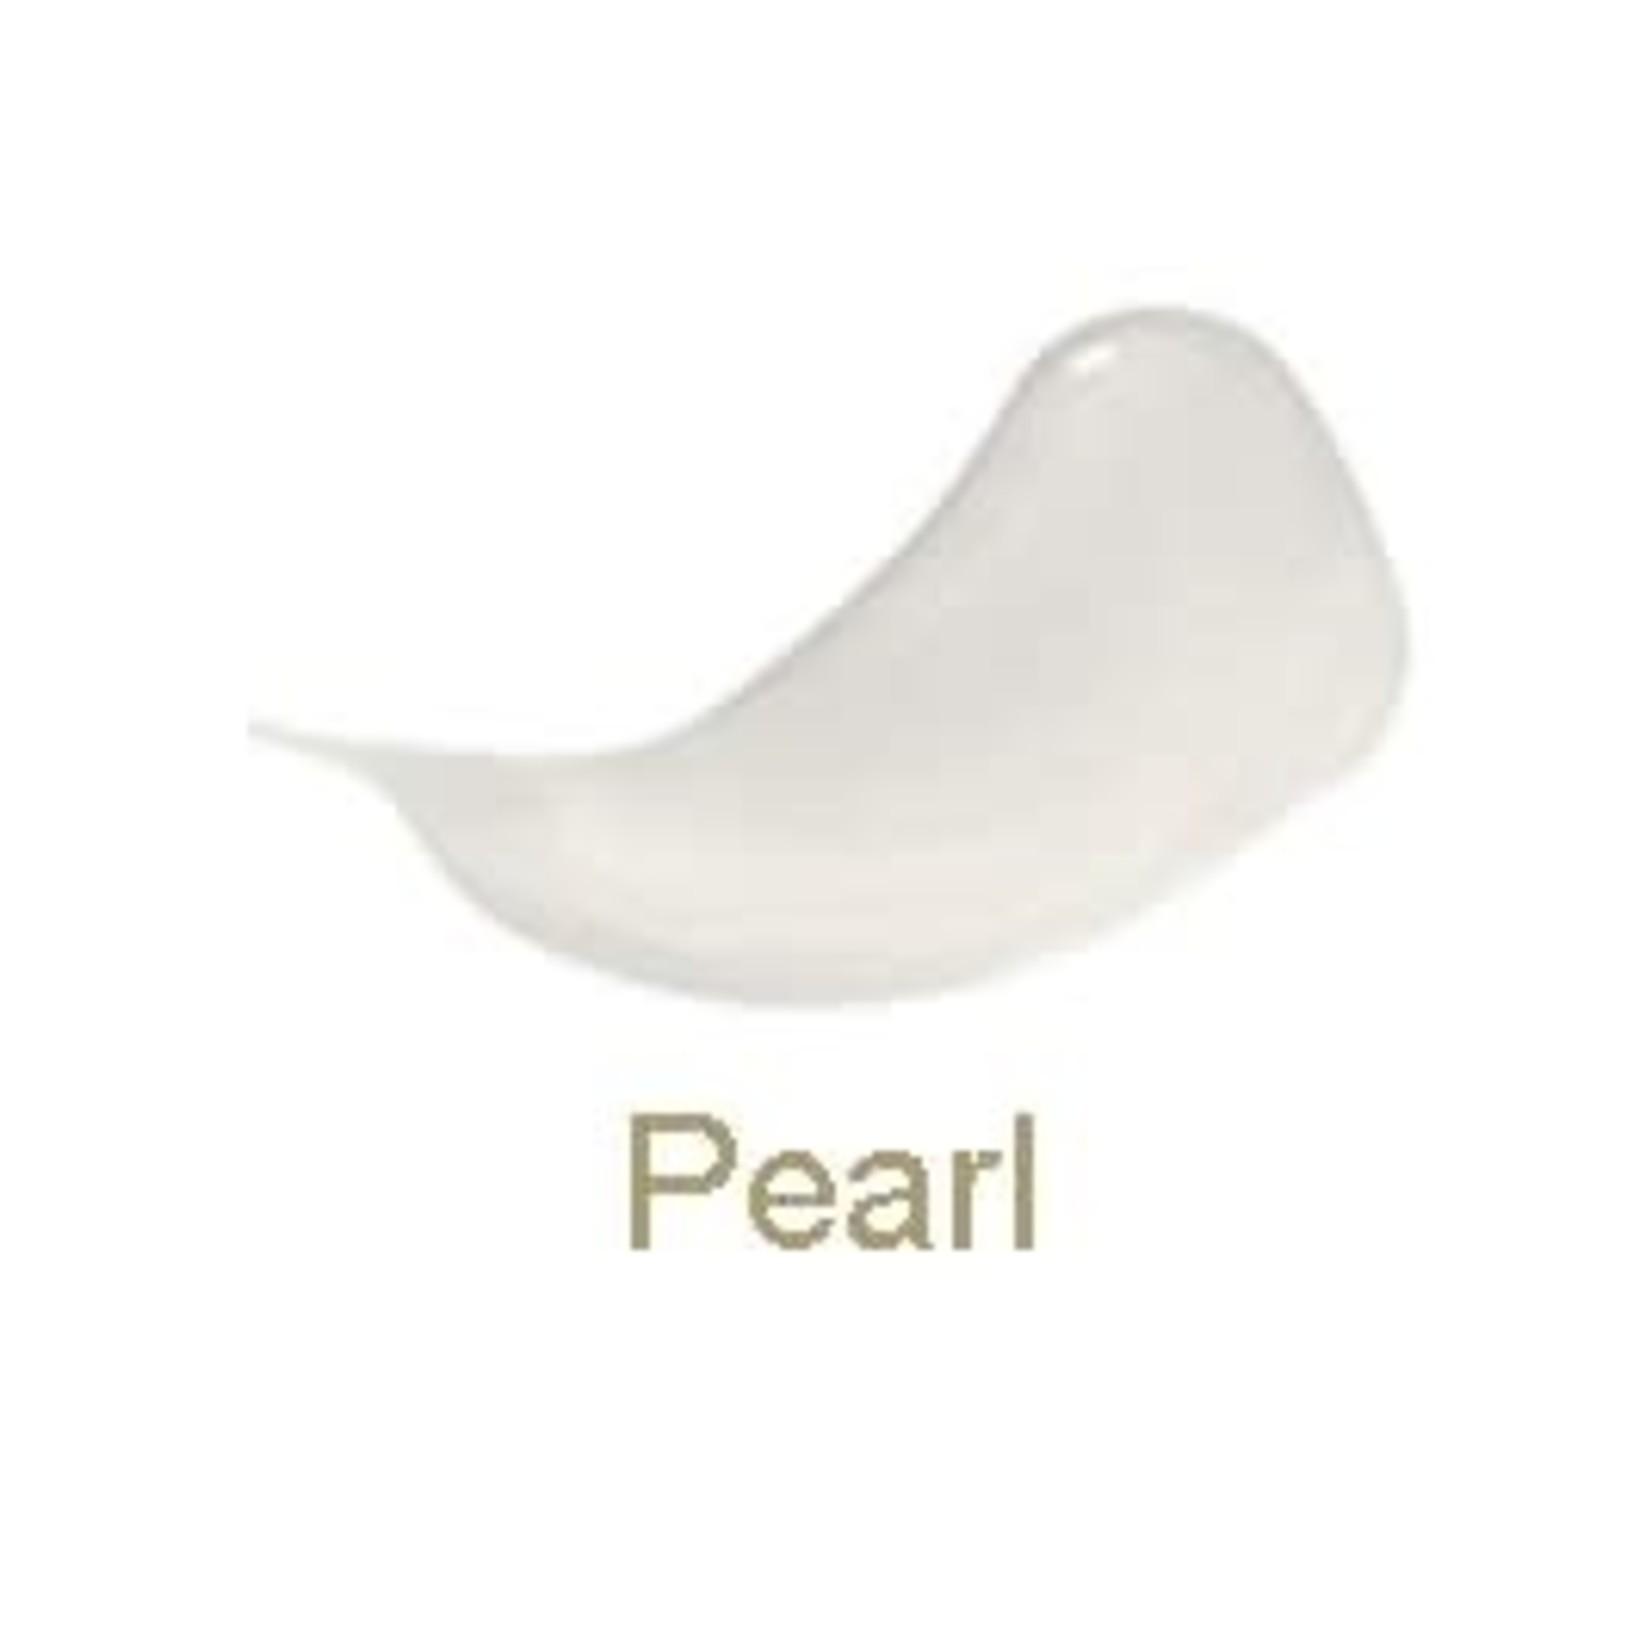 SeneGence Lipsense Pearl Gloss